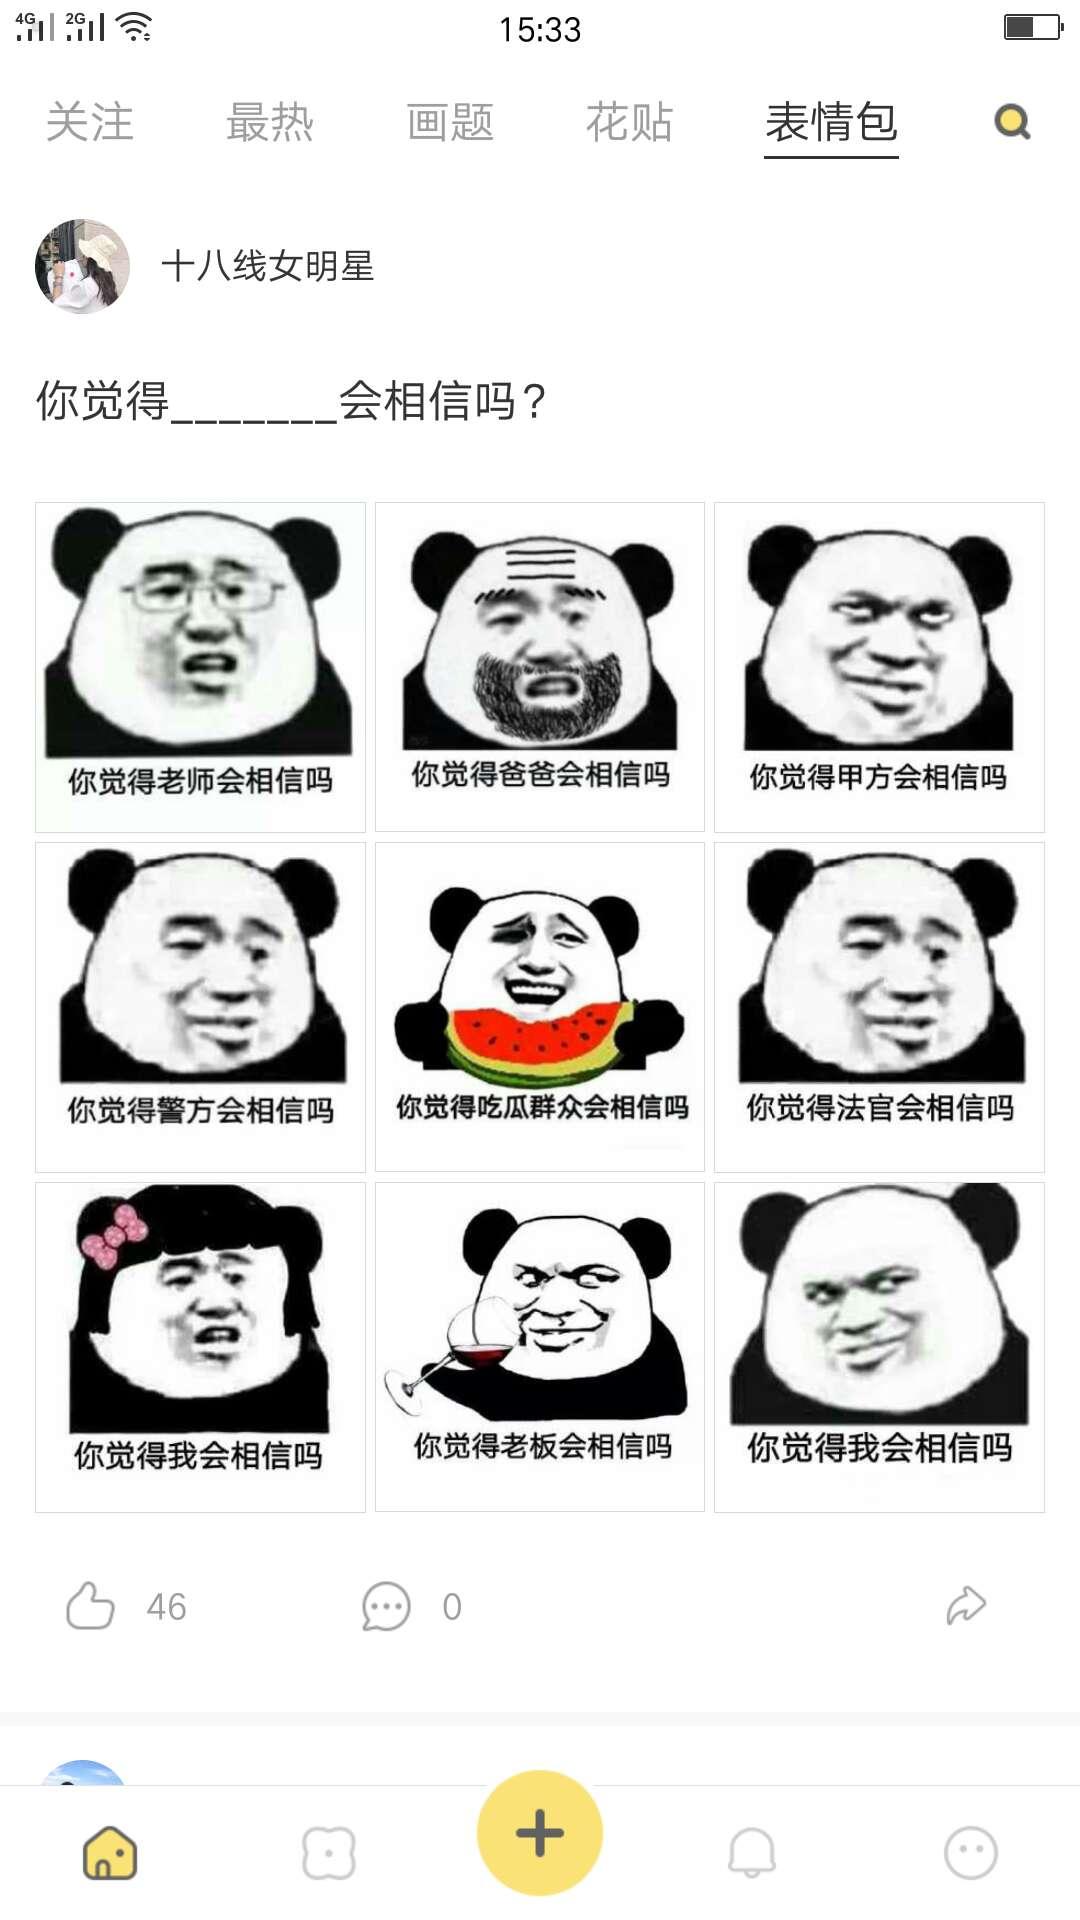 【资源分享】花熊表情包,各种趣味原创资源表情包